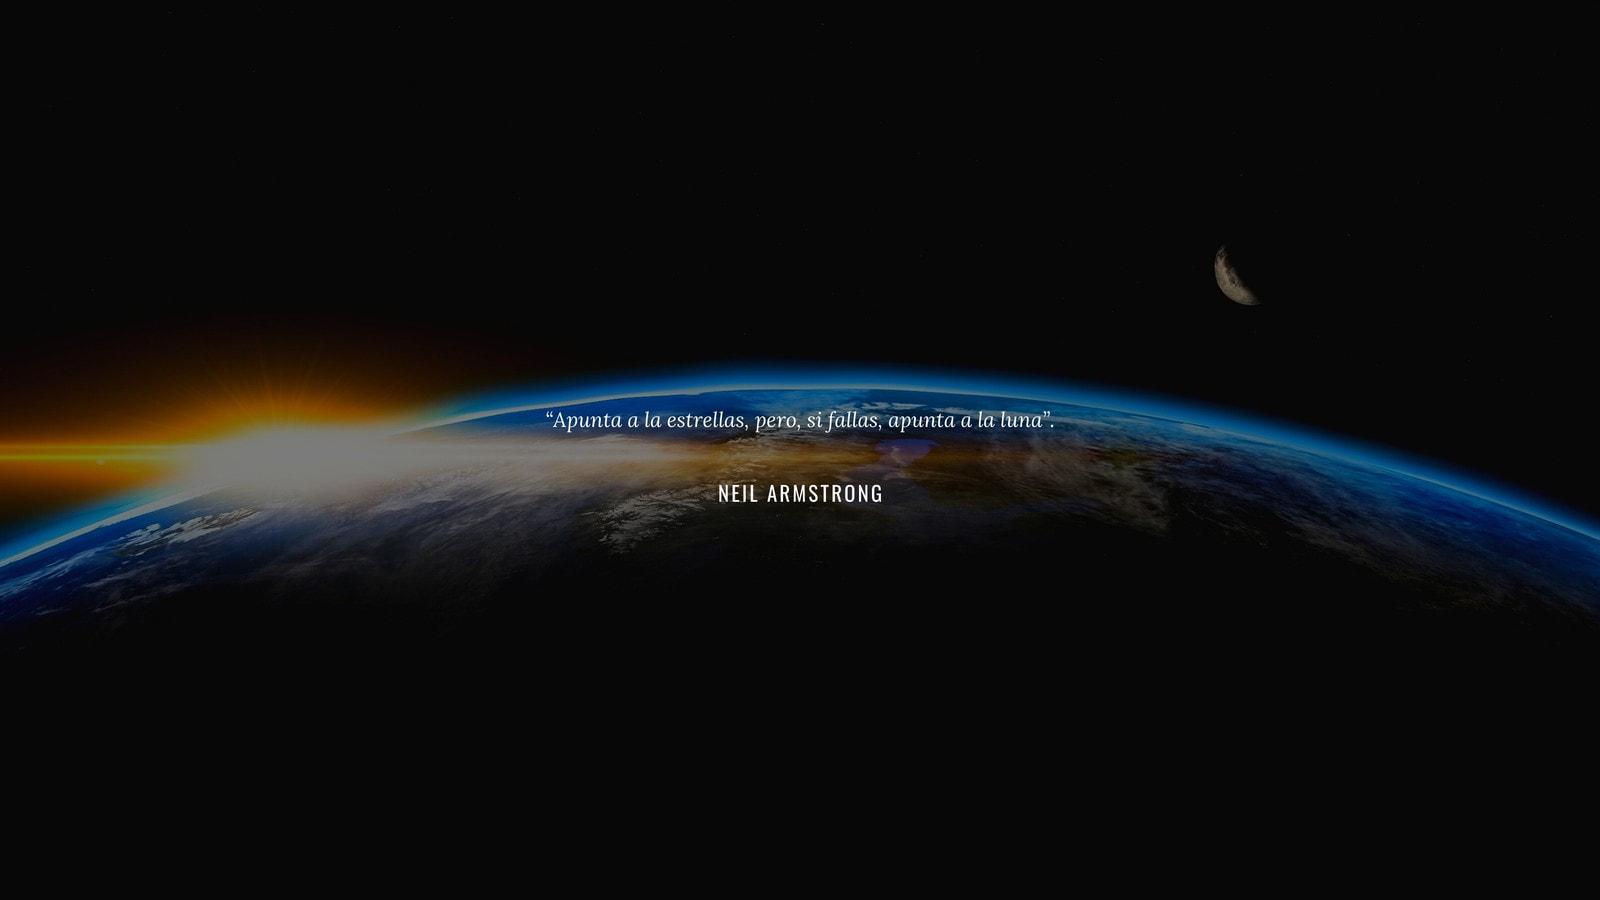 Simple Espacio Exterior Neil Armstrong Cita Genial Fondo de Pantalla de Escritorio